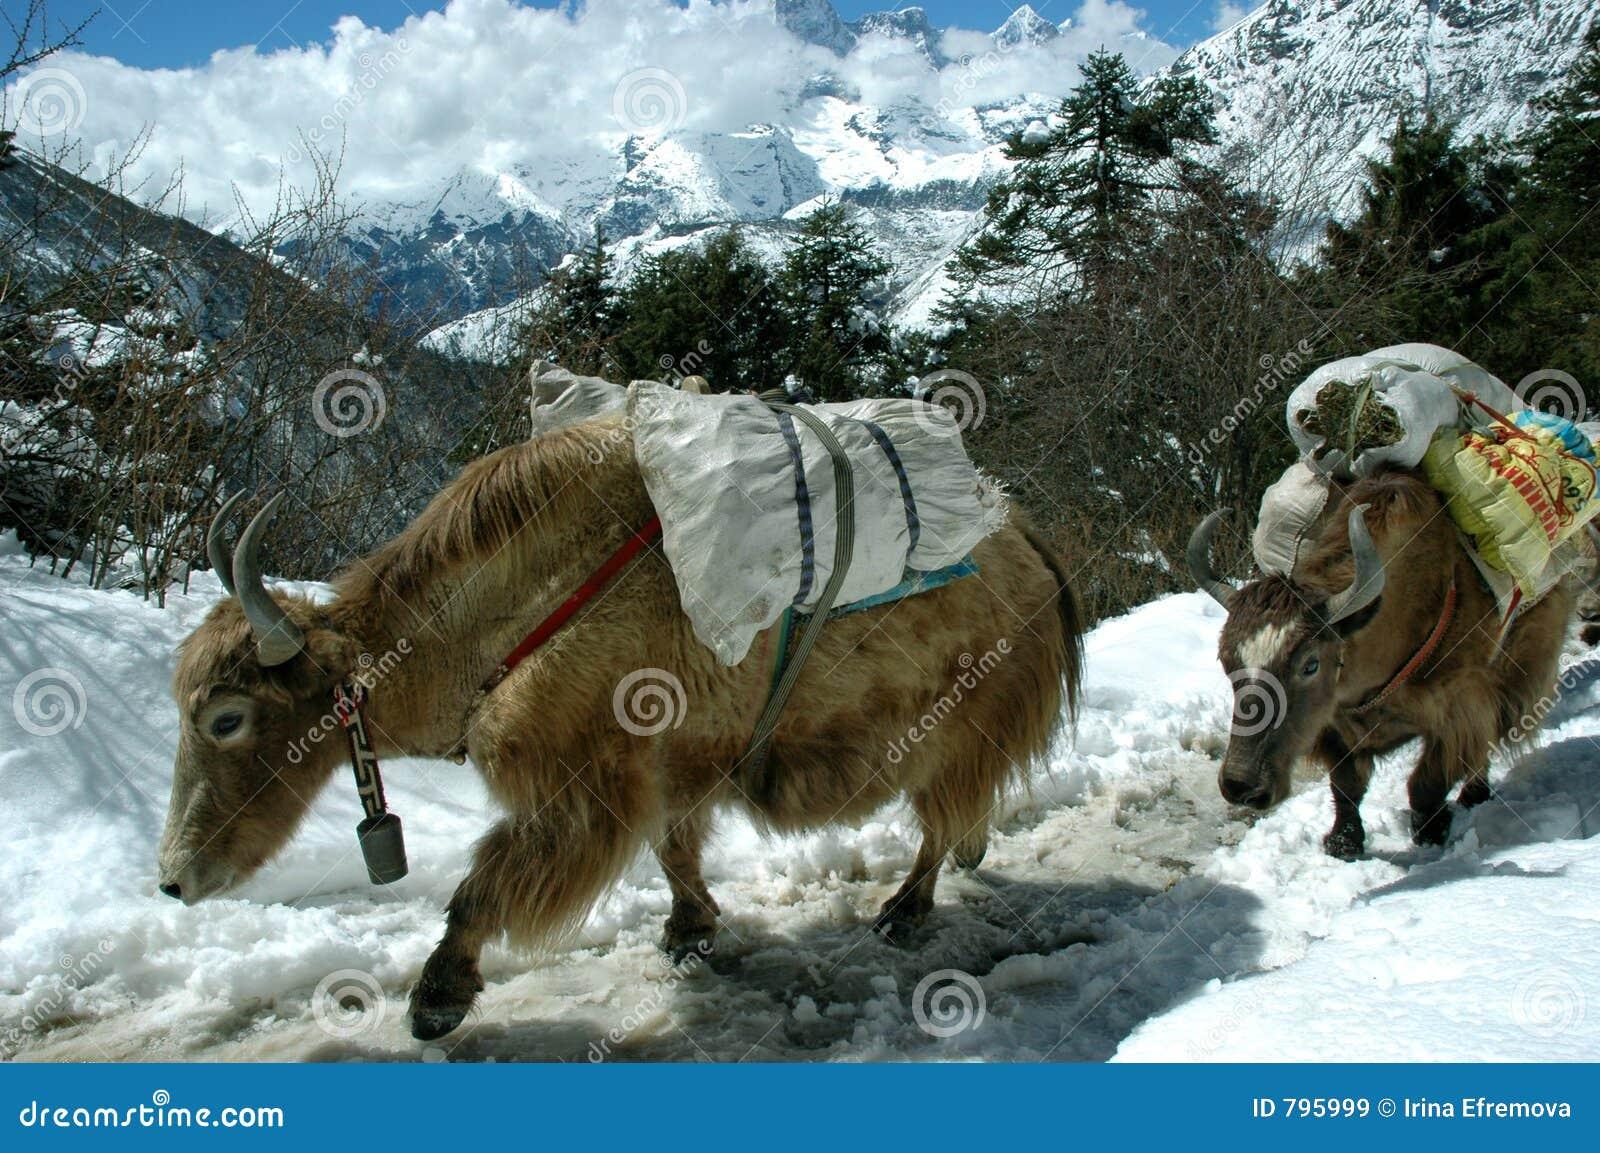 Yaks in the Himalaya